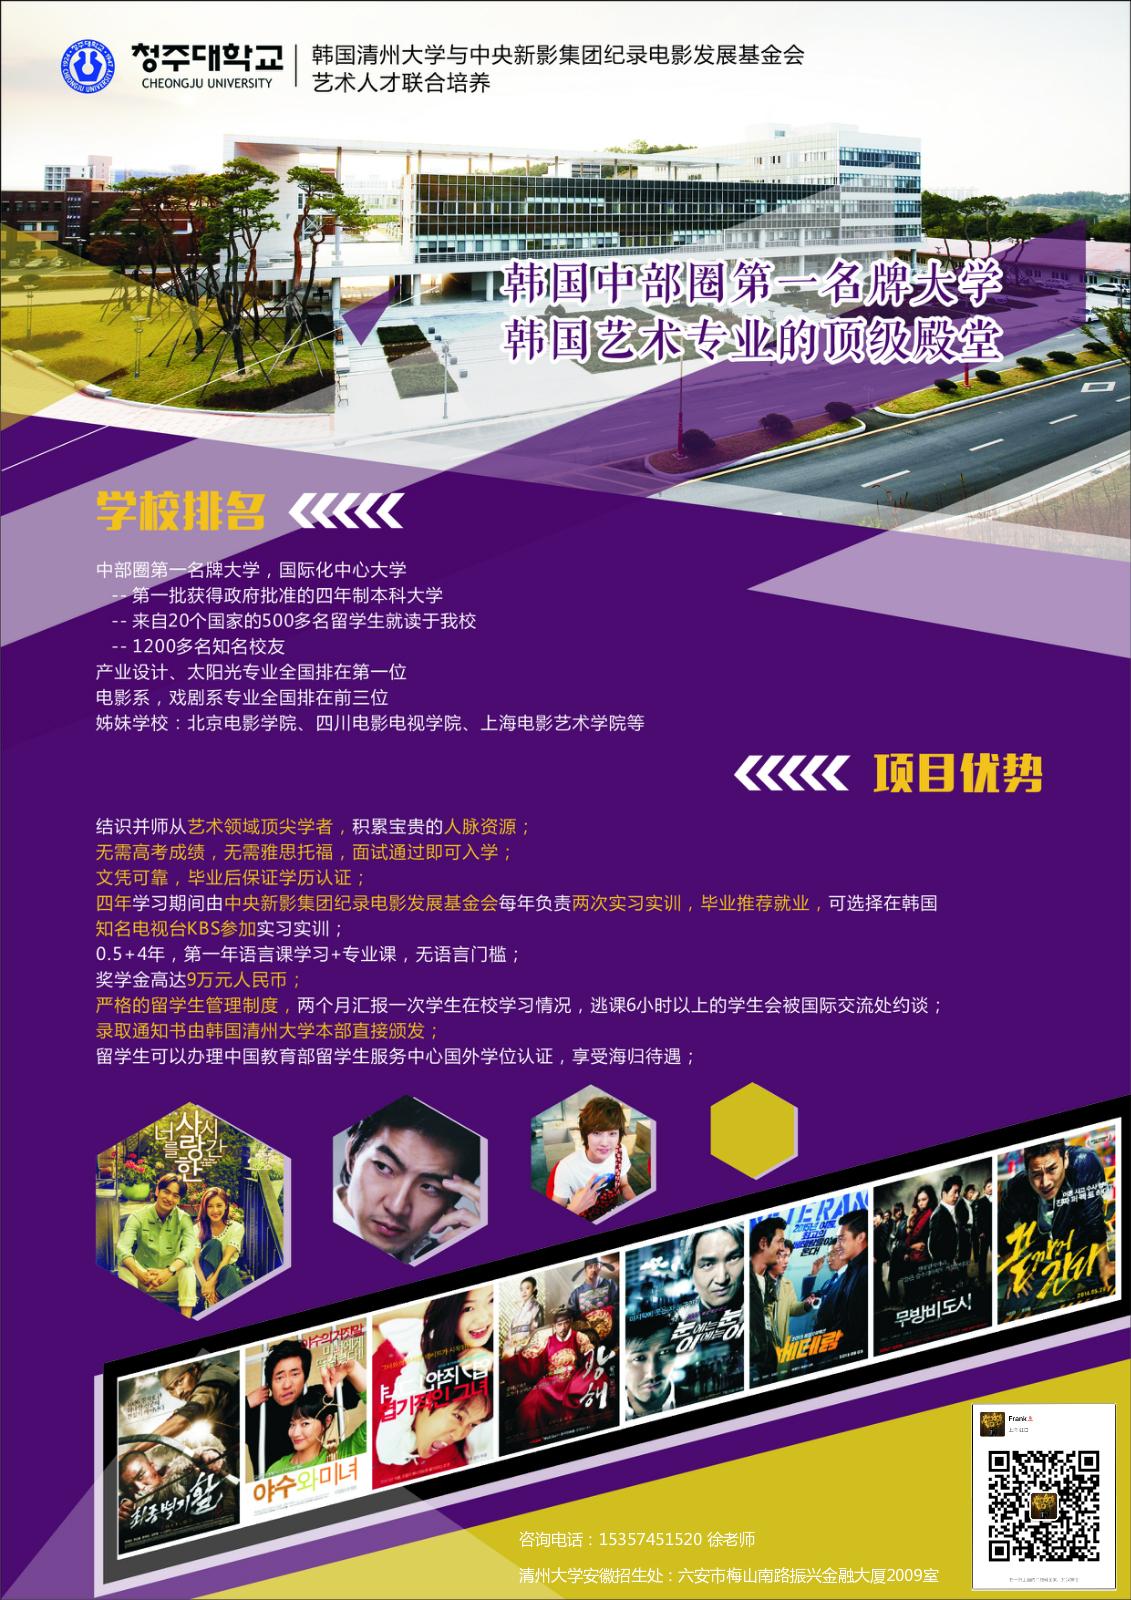 清州大学宣传单2正_meitu_1.jpg